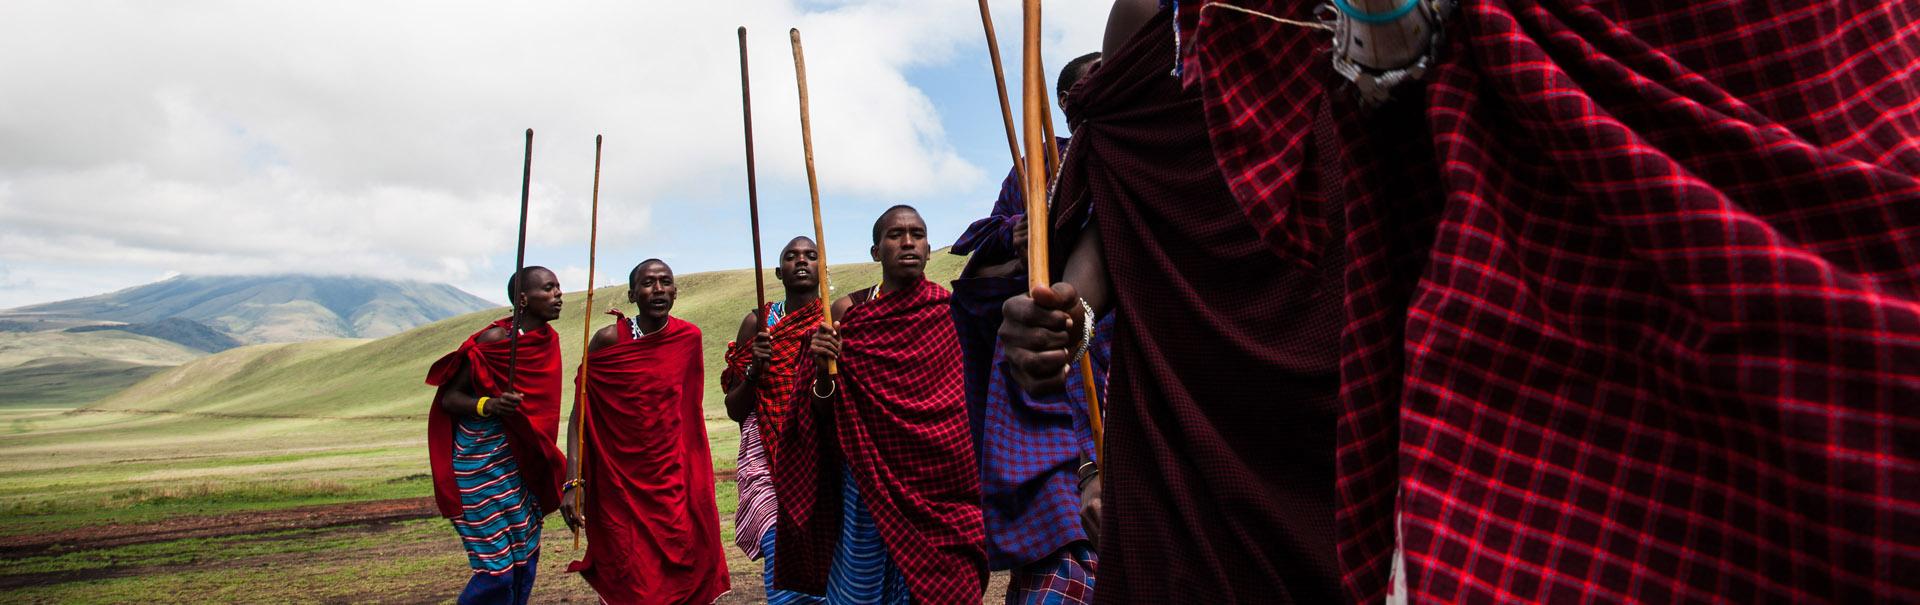 Maasai pride, Safari Crew Tanzania contact